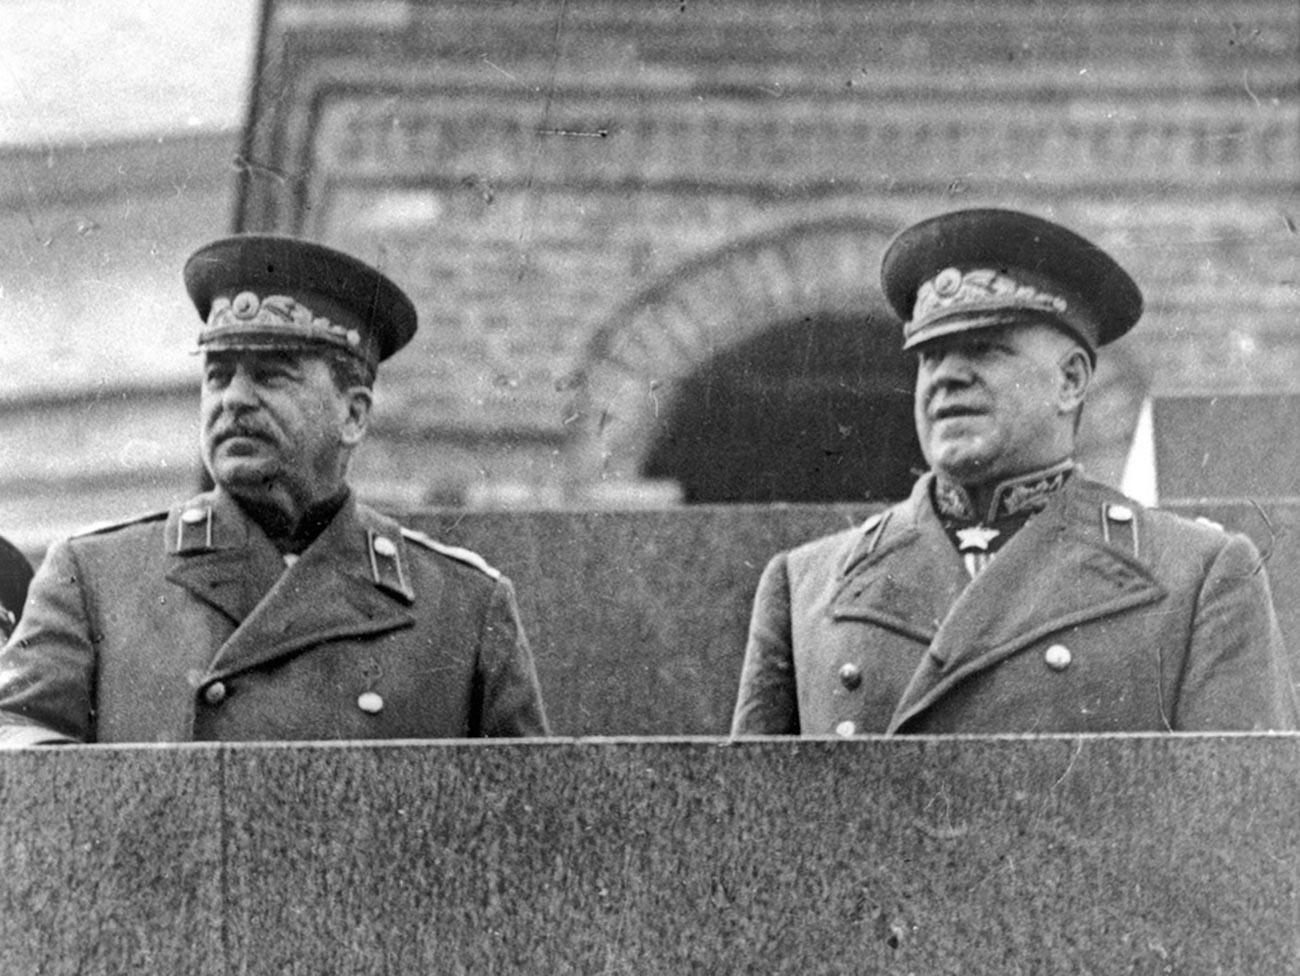 Јосиф Стаљин и Георгиј Жуков на подијуму маузолеја за време Параде Победе, Москва.